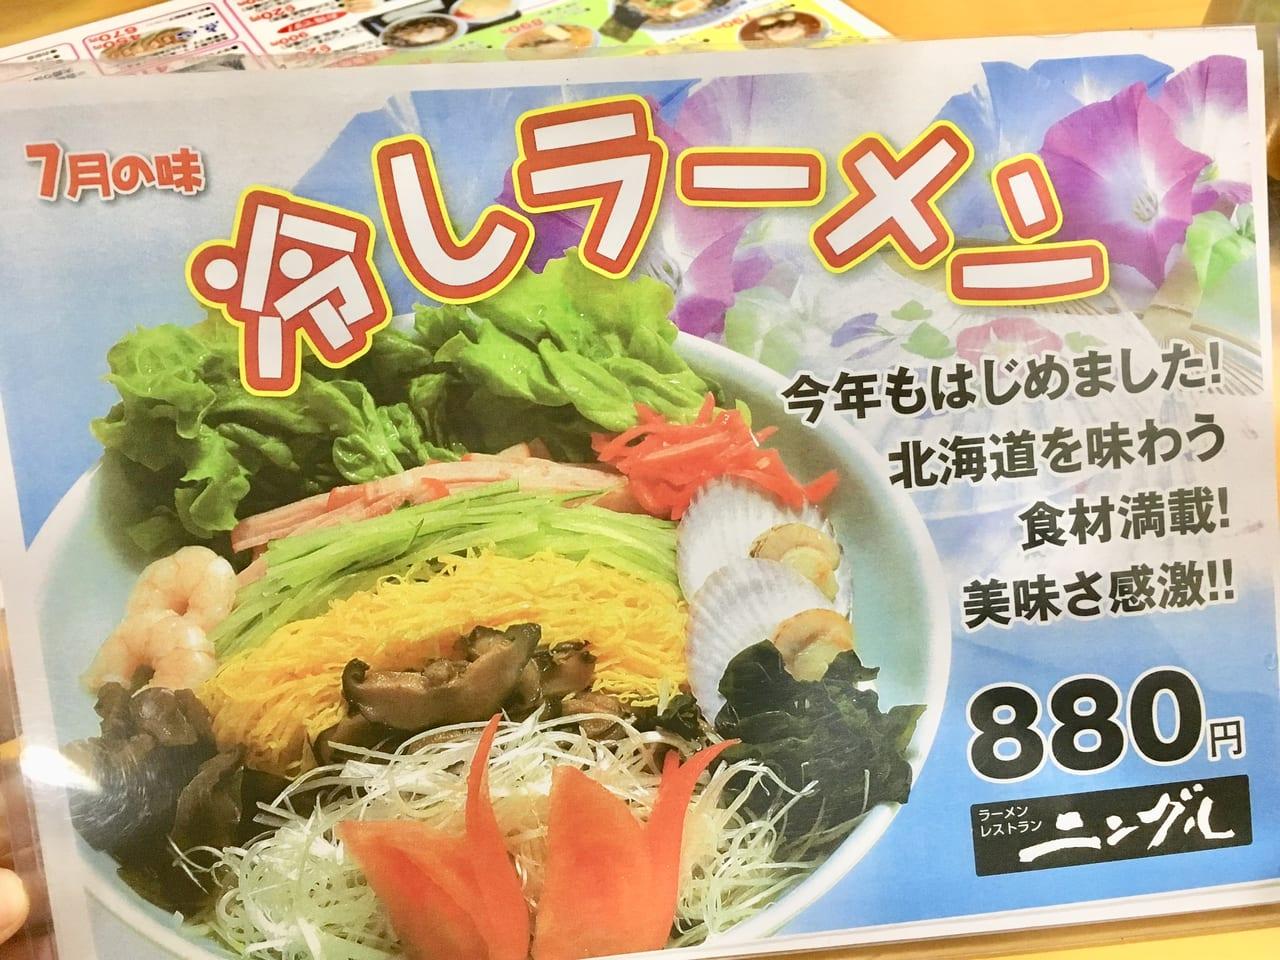 ラーメンレストランニングルの7月のメニュー表「冷やしラーメン」